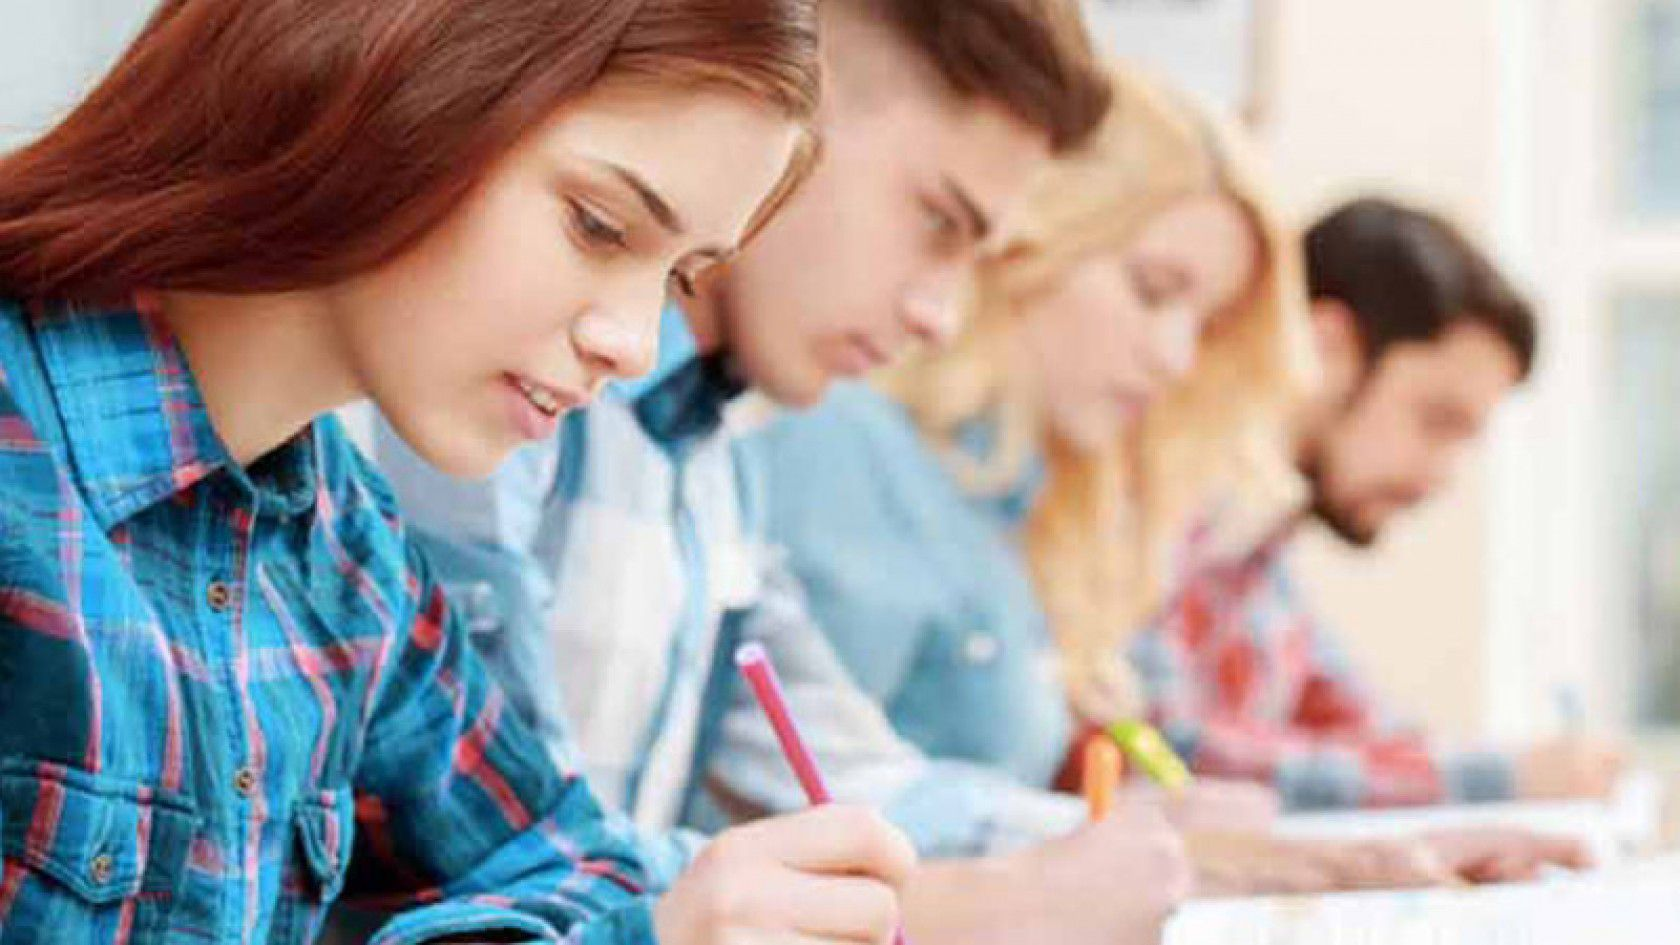 SSAT Sınavı'na Kayıt Olurken Nelere Dikkat Etmeli?